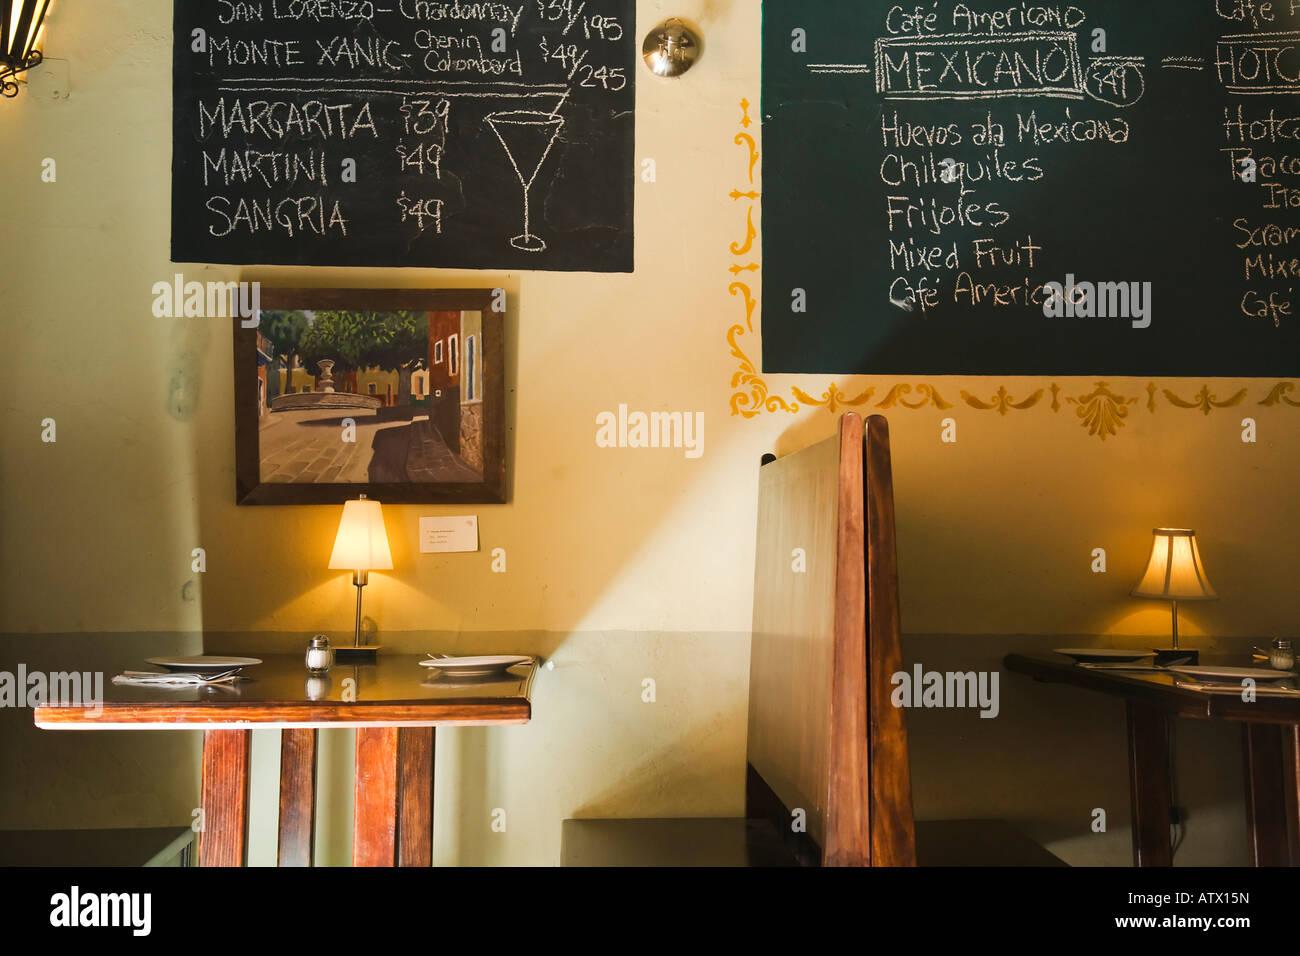 Parete Di Lavagna Prezzo : Messico guanajuato menu per bevande e alimenti su lavagna sul